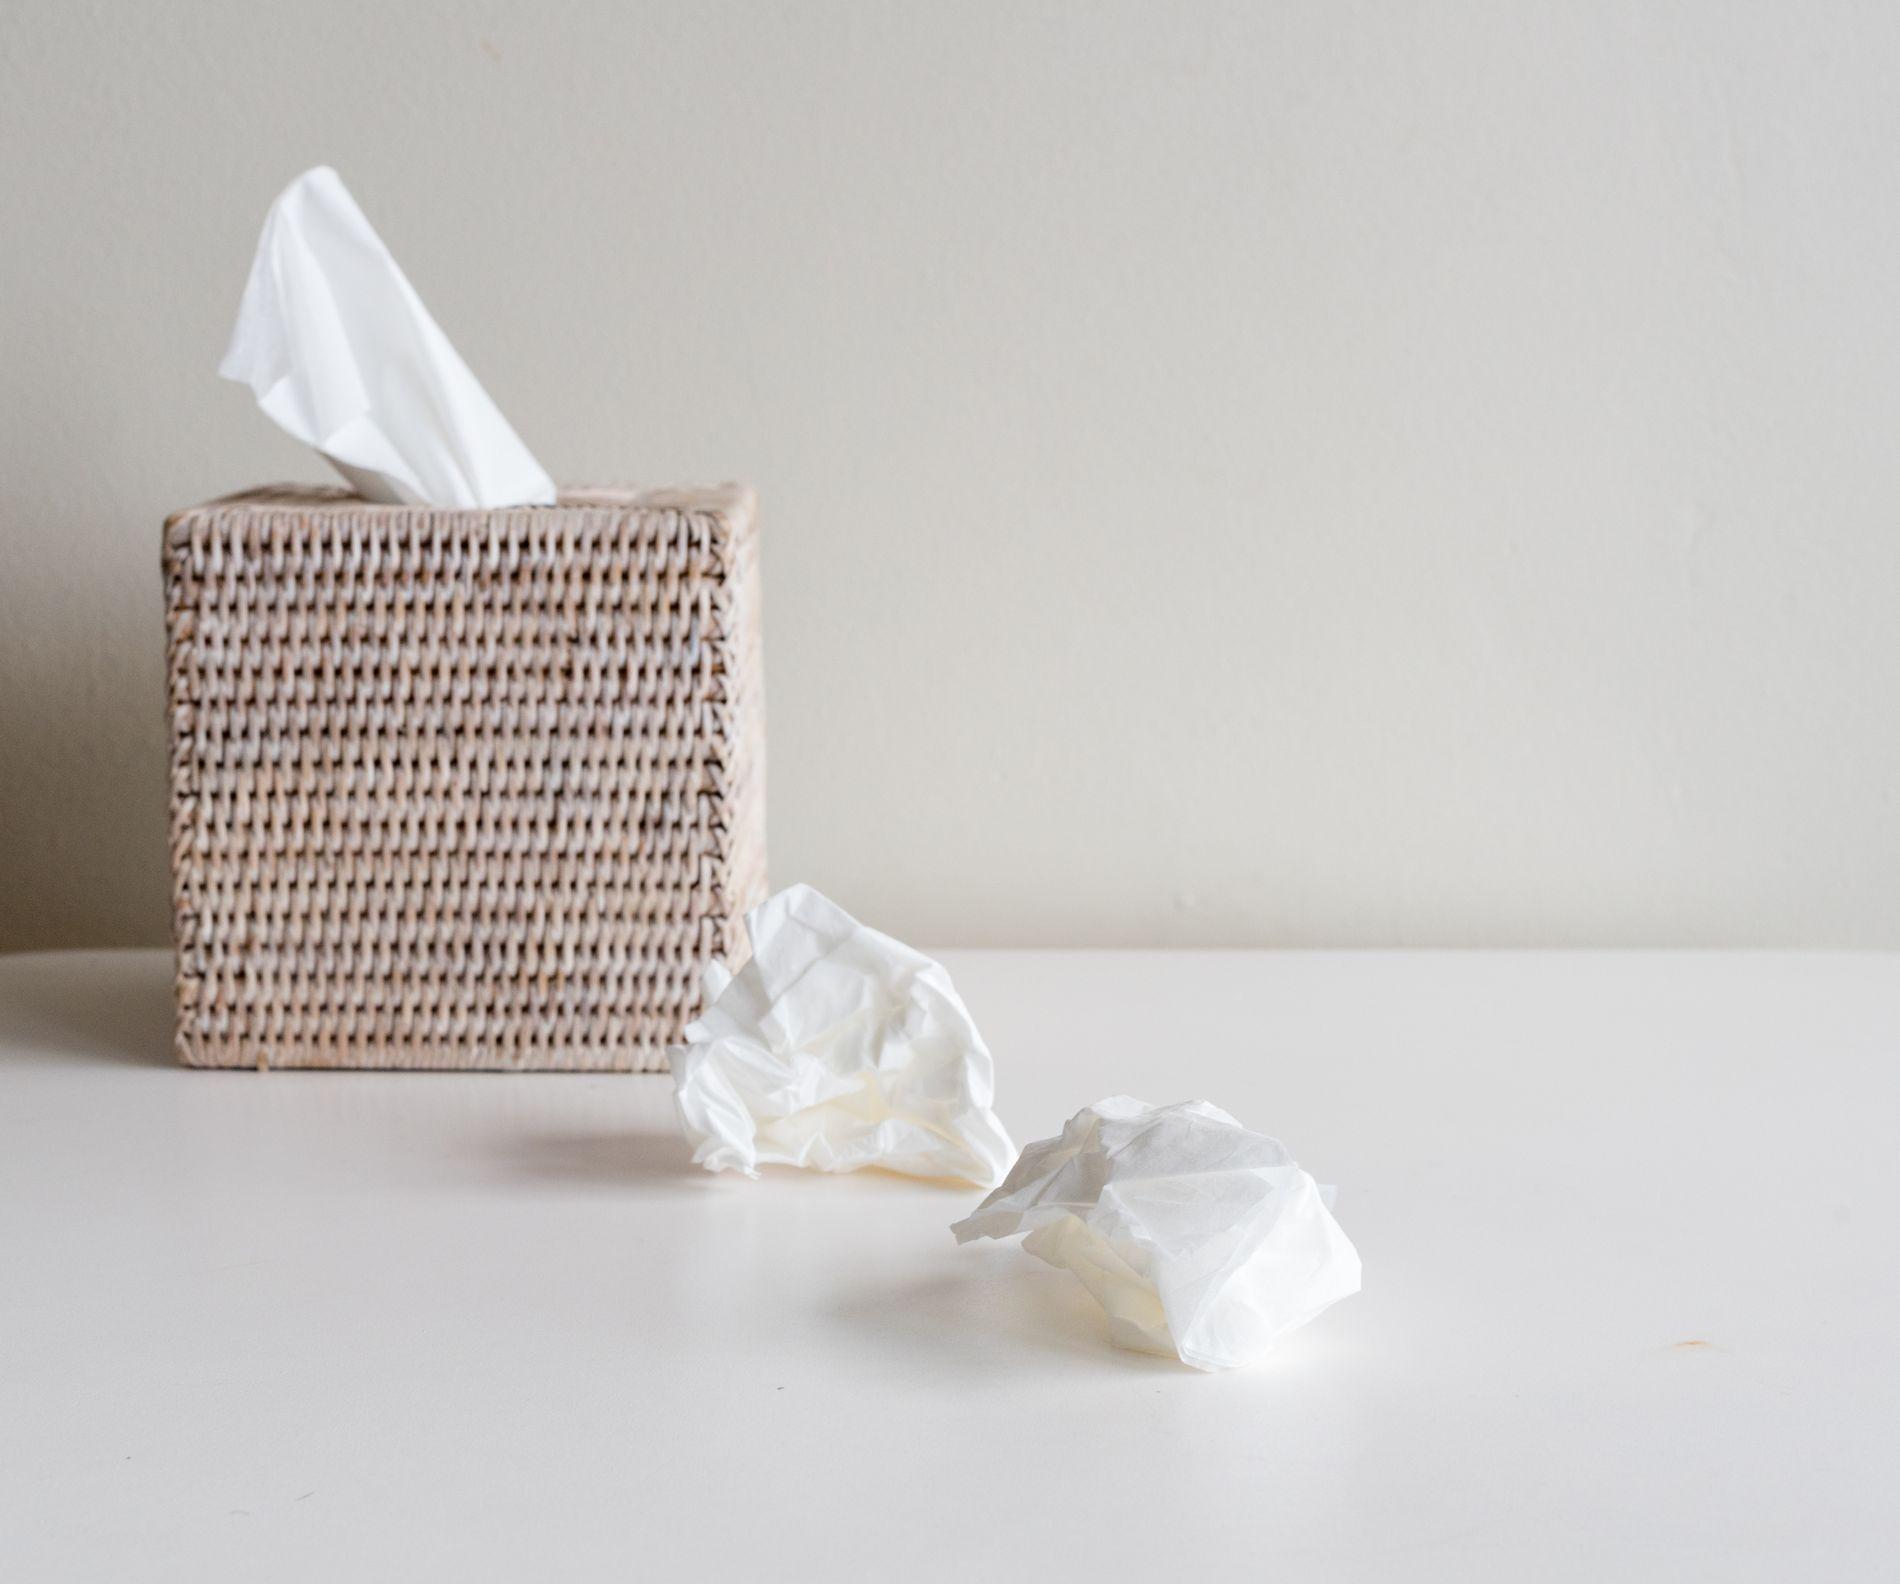 IKKE SÅ SYK: Egenmeldinger har vi alle brukt,  både når det har vært strengt tatt nødvendig, men helt sikkert også når vi egentlig ikke var så syk.